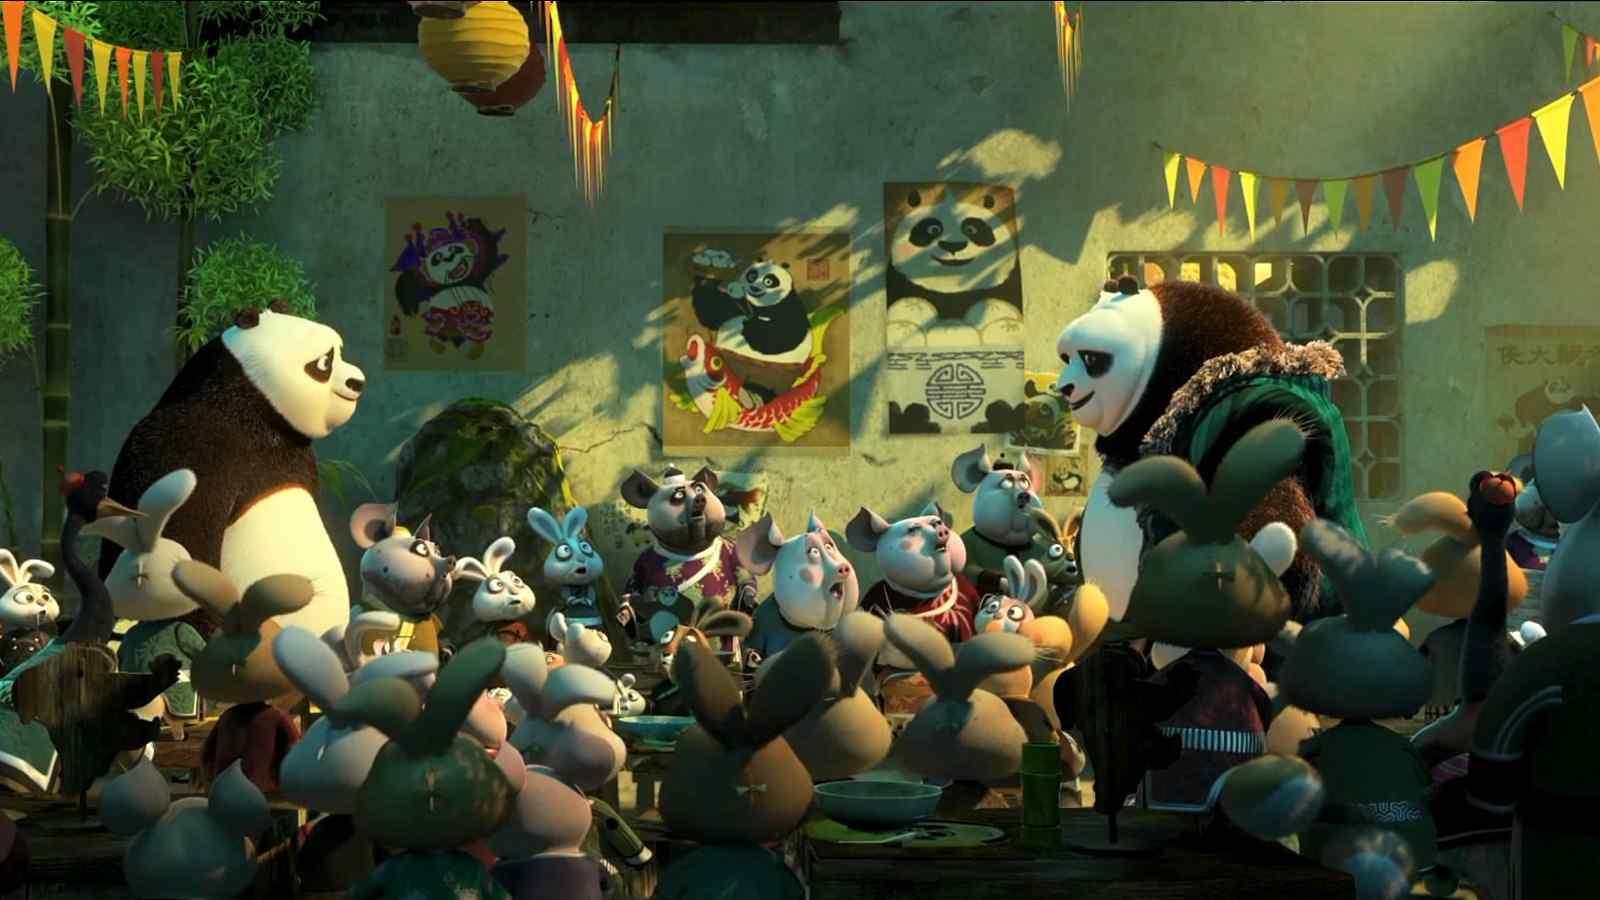 《功夫熊猫3》海报高清桌面壁纸